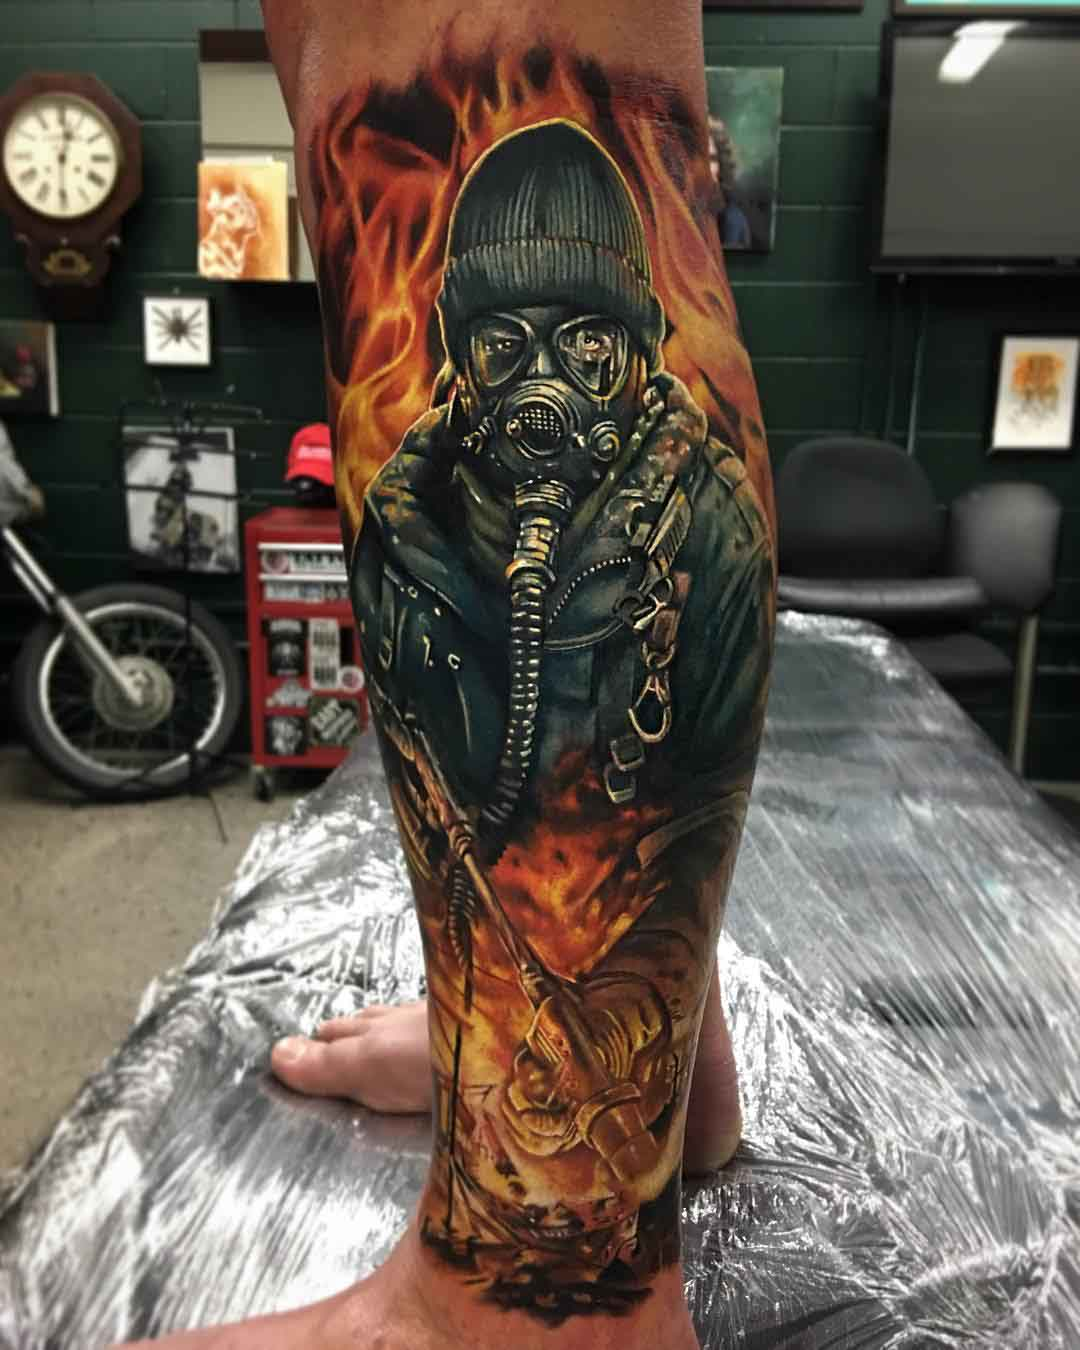 leg tattoo flaming man in gas mask